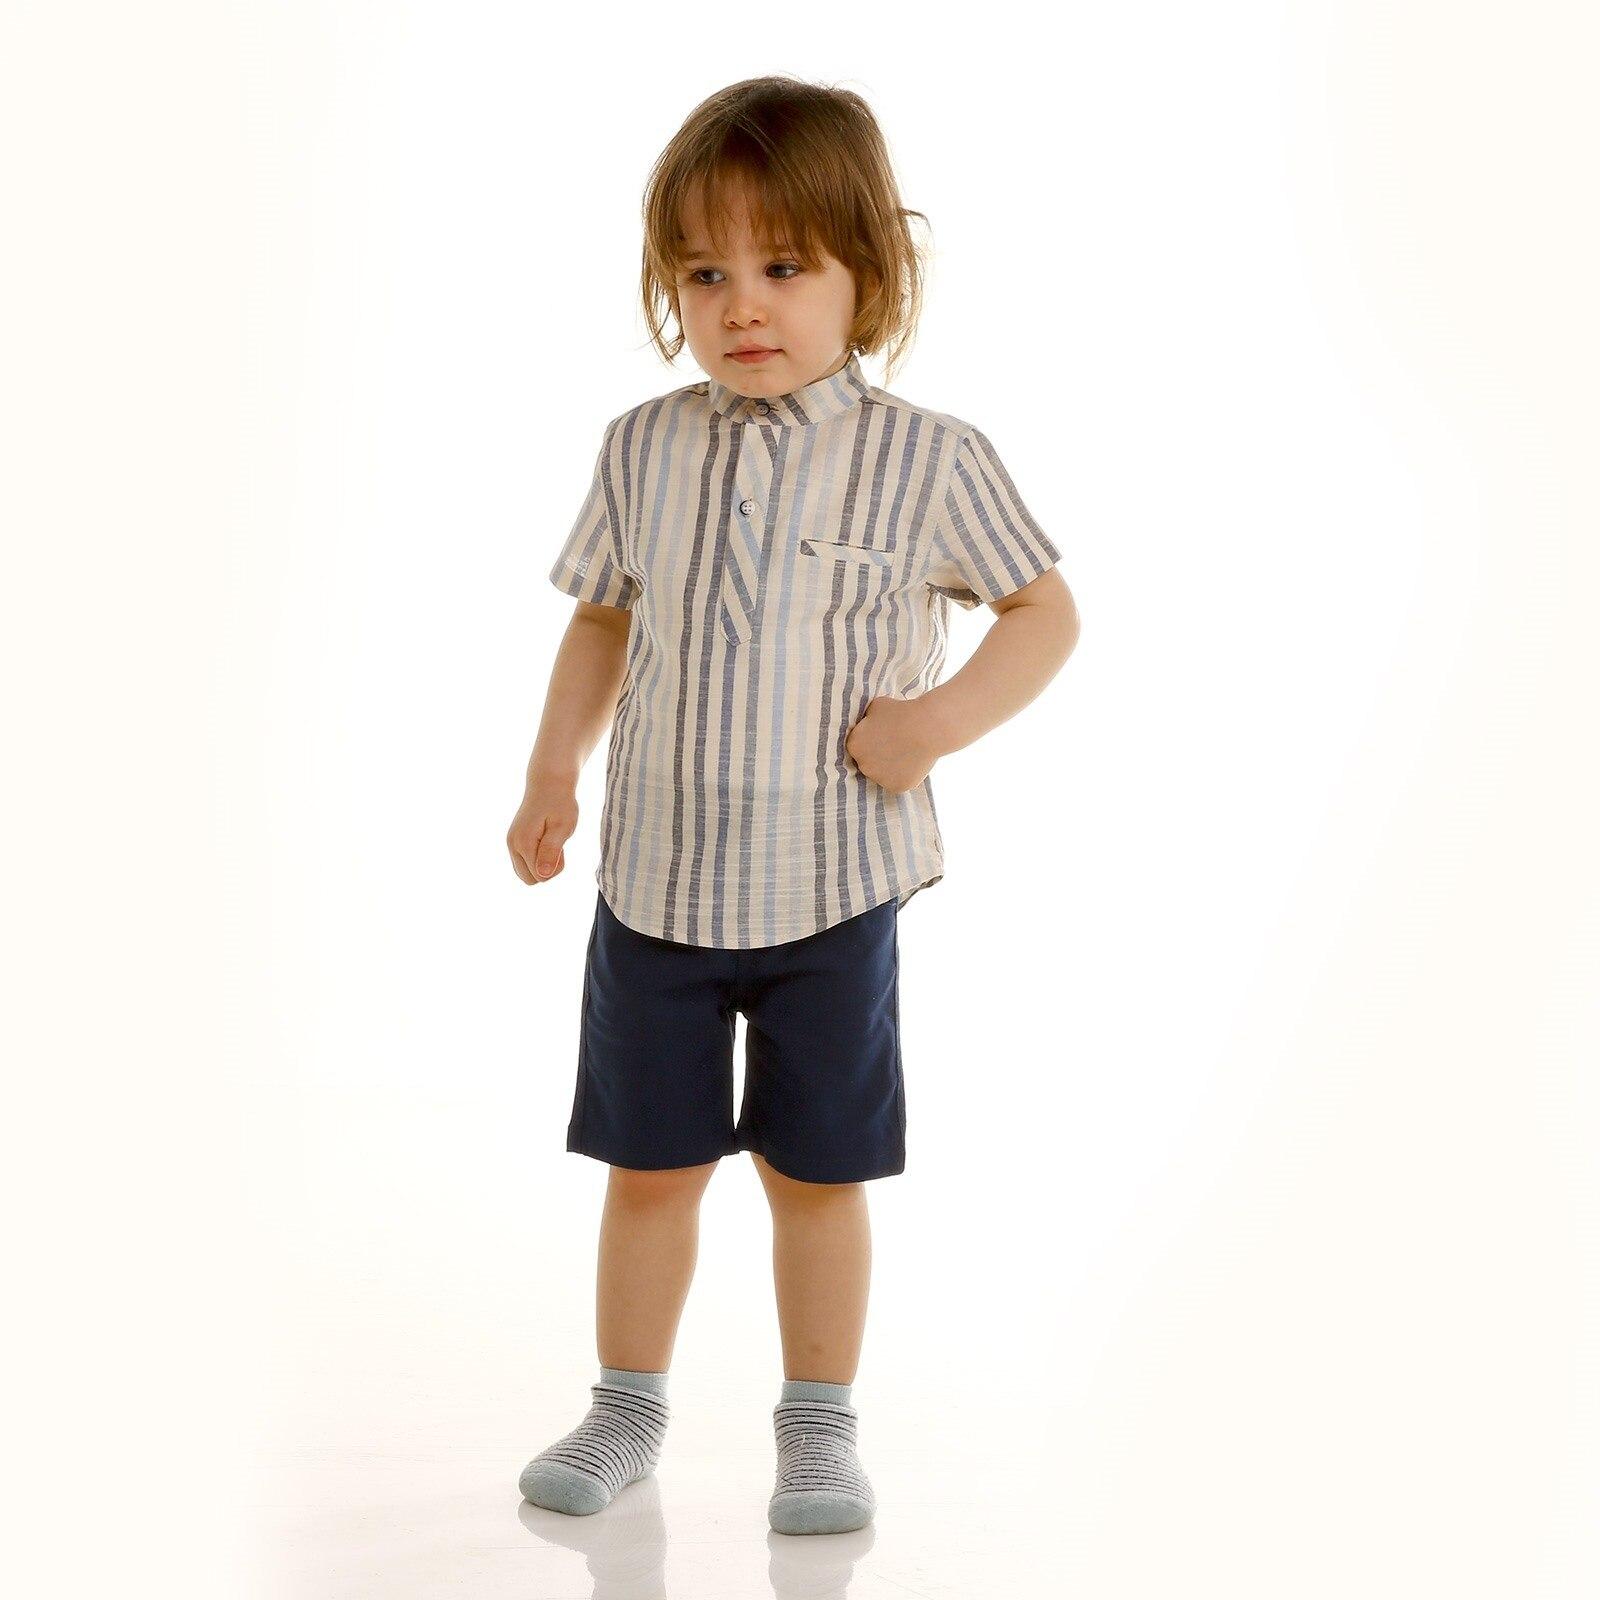 Ebebek Verscon Baby Boy Texture Shirt Short Set 2 Pcs